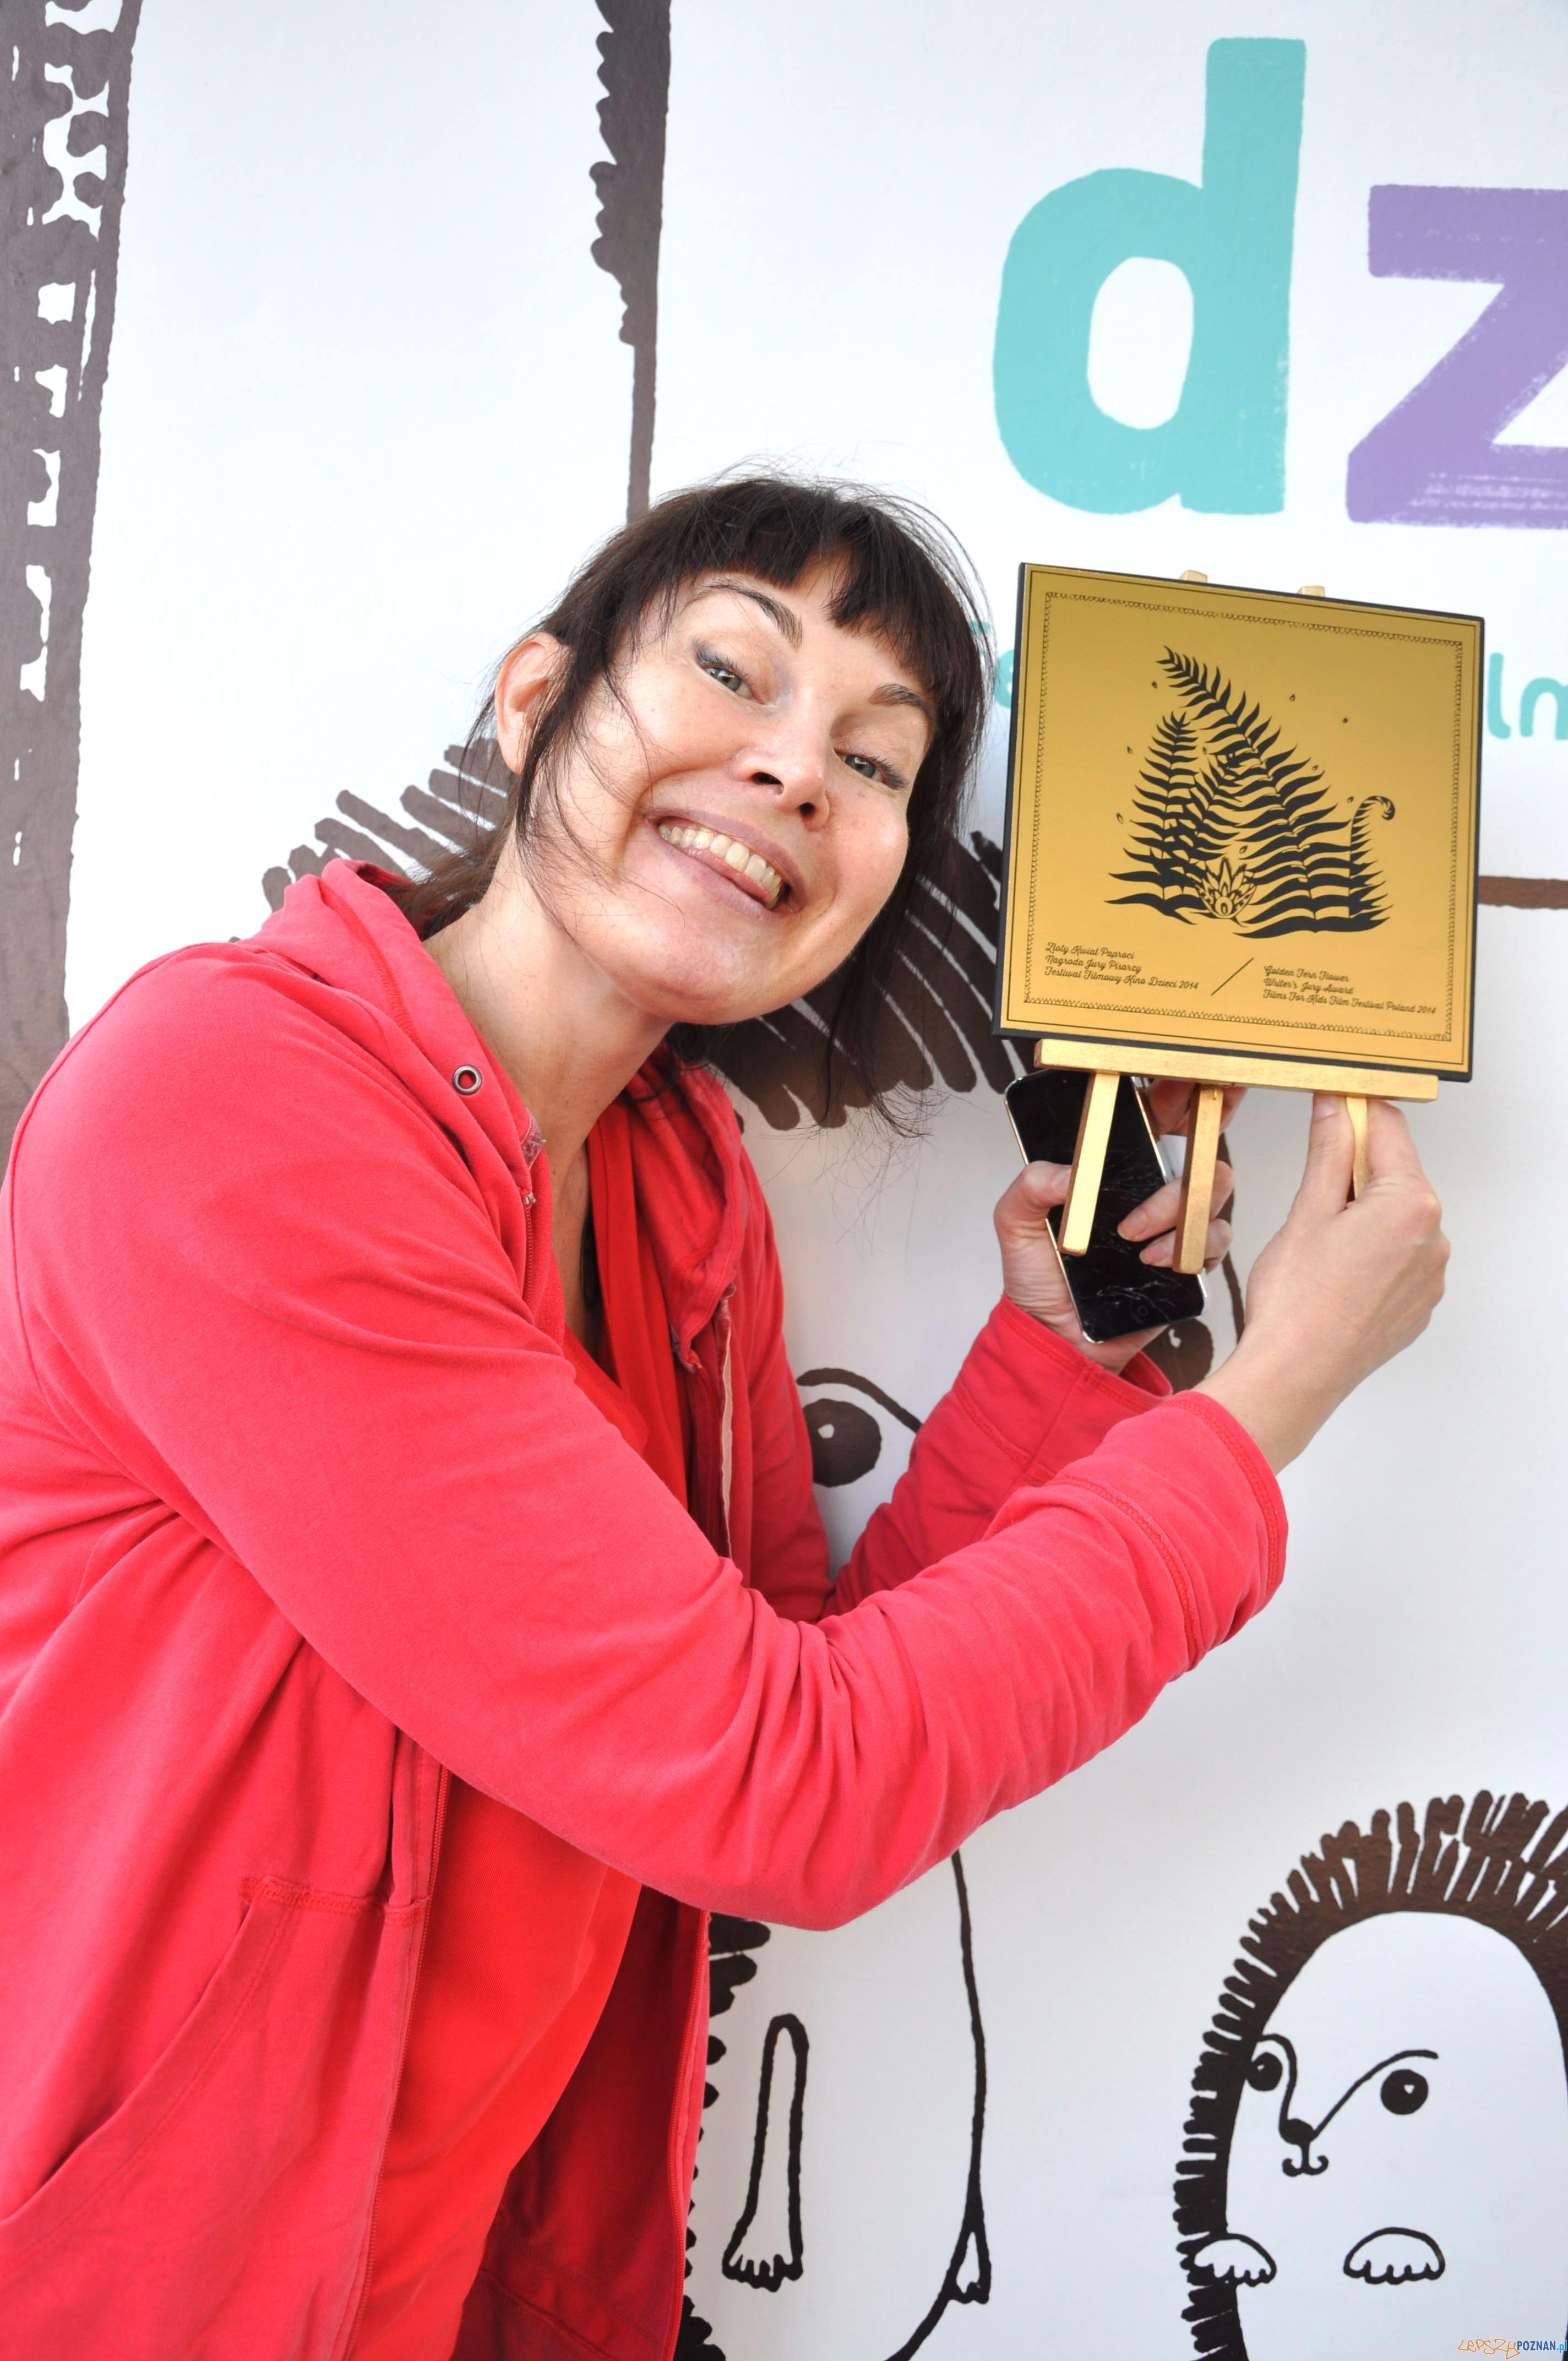 Katarina Launing  reżyserka filmu Mecz życia, nagroda pisarzy Festiwalu Kino Dzieci  Foto: Materiały prasowe